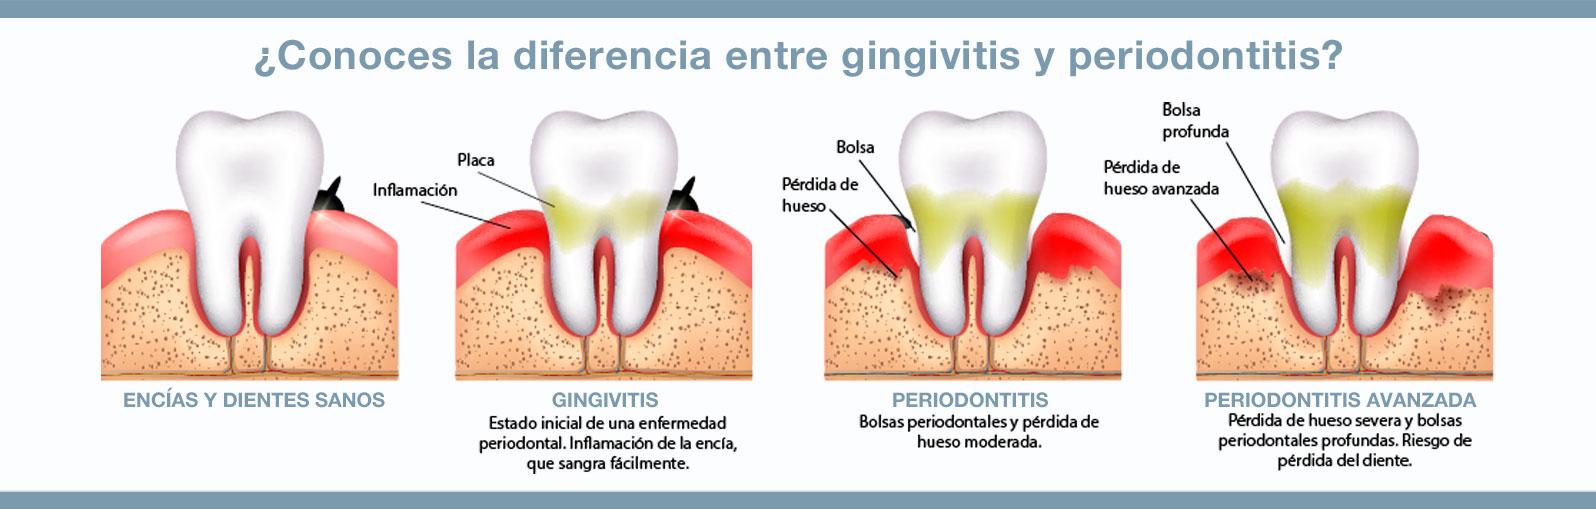 Cuatro claves para conocer la diferencia entre giginvitis y periodontitis